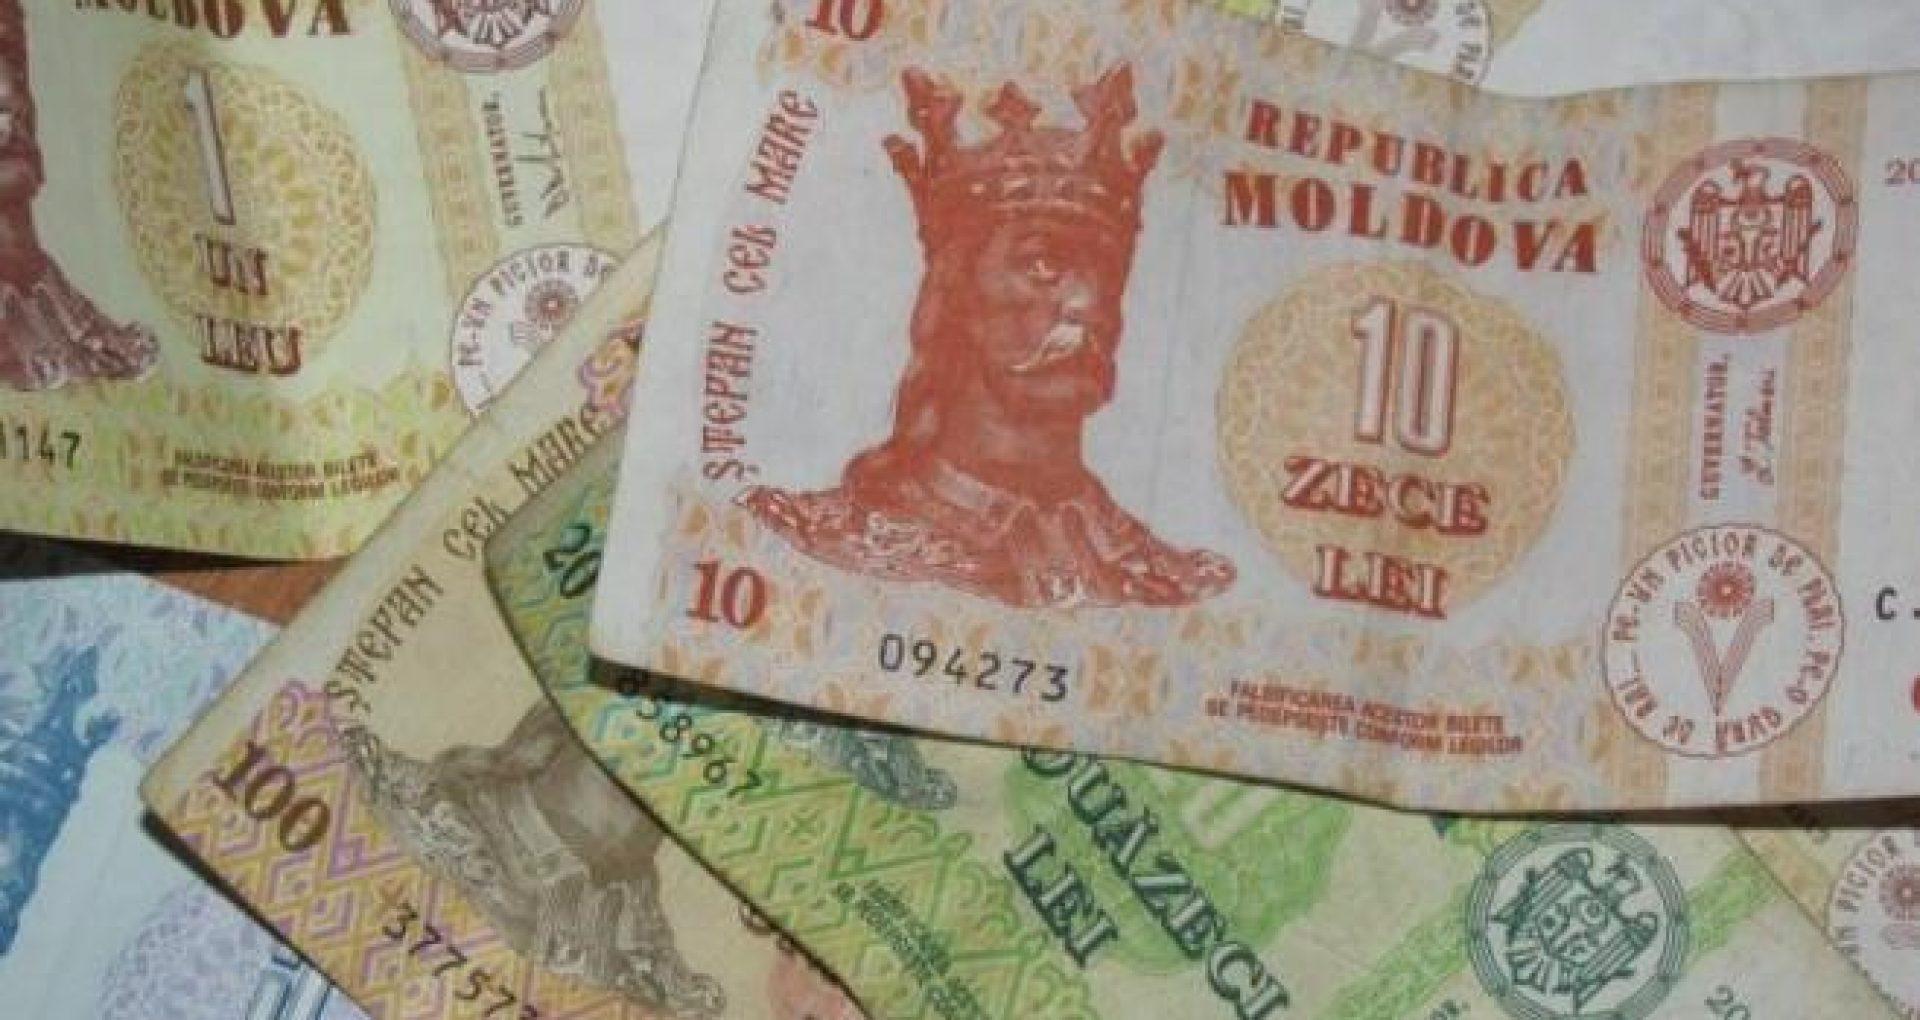 Moneda națională a R. Moldova: întrebări și răspunsuri